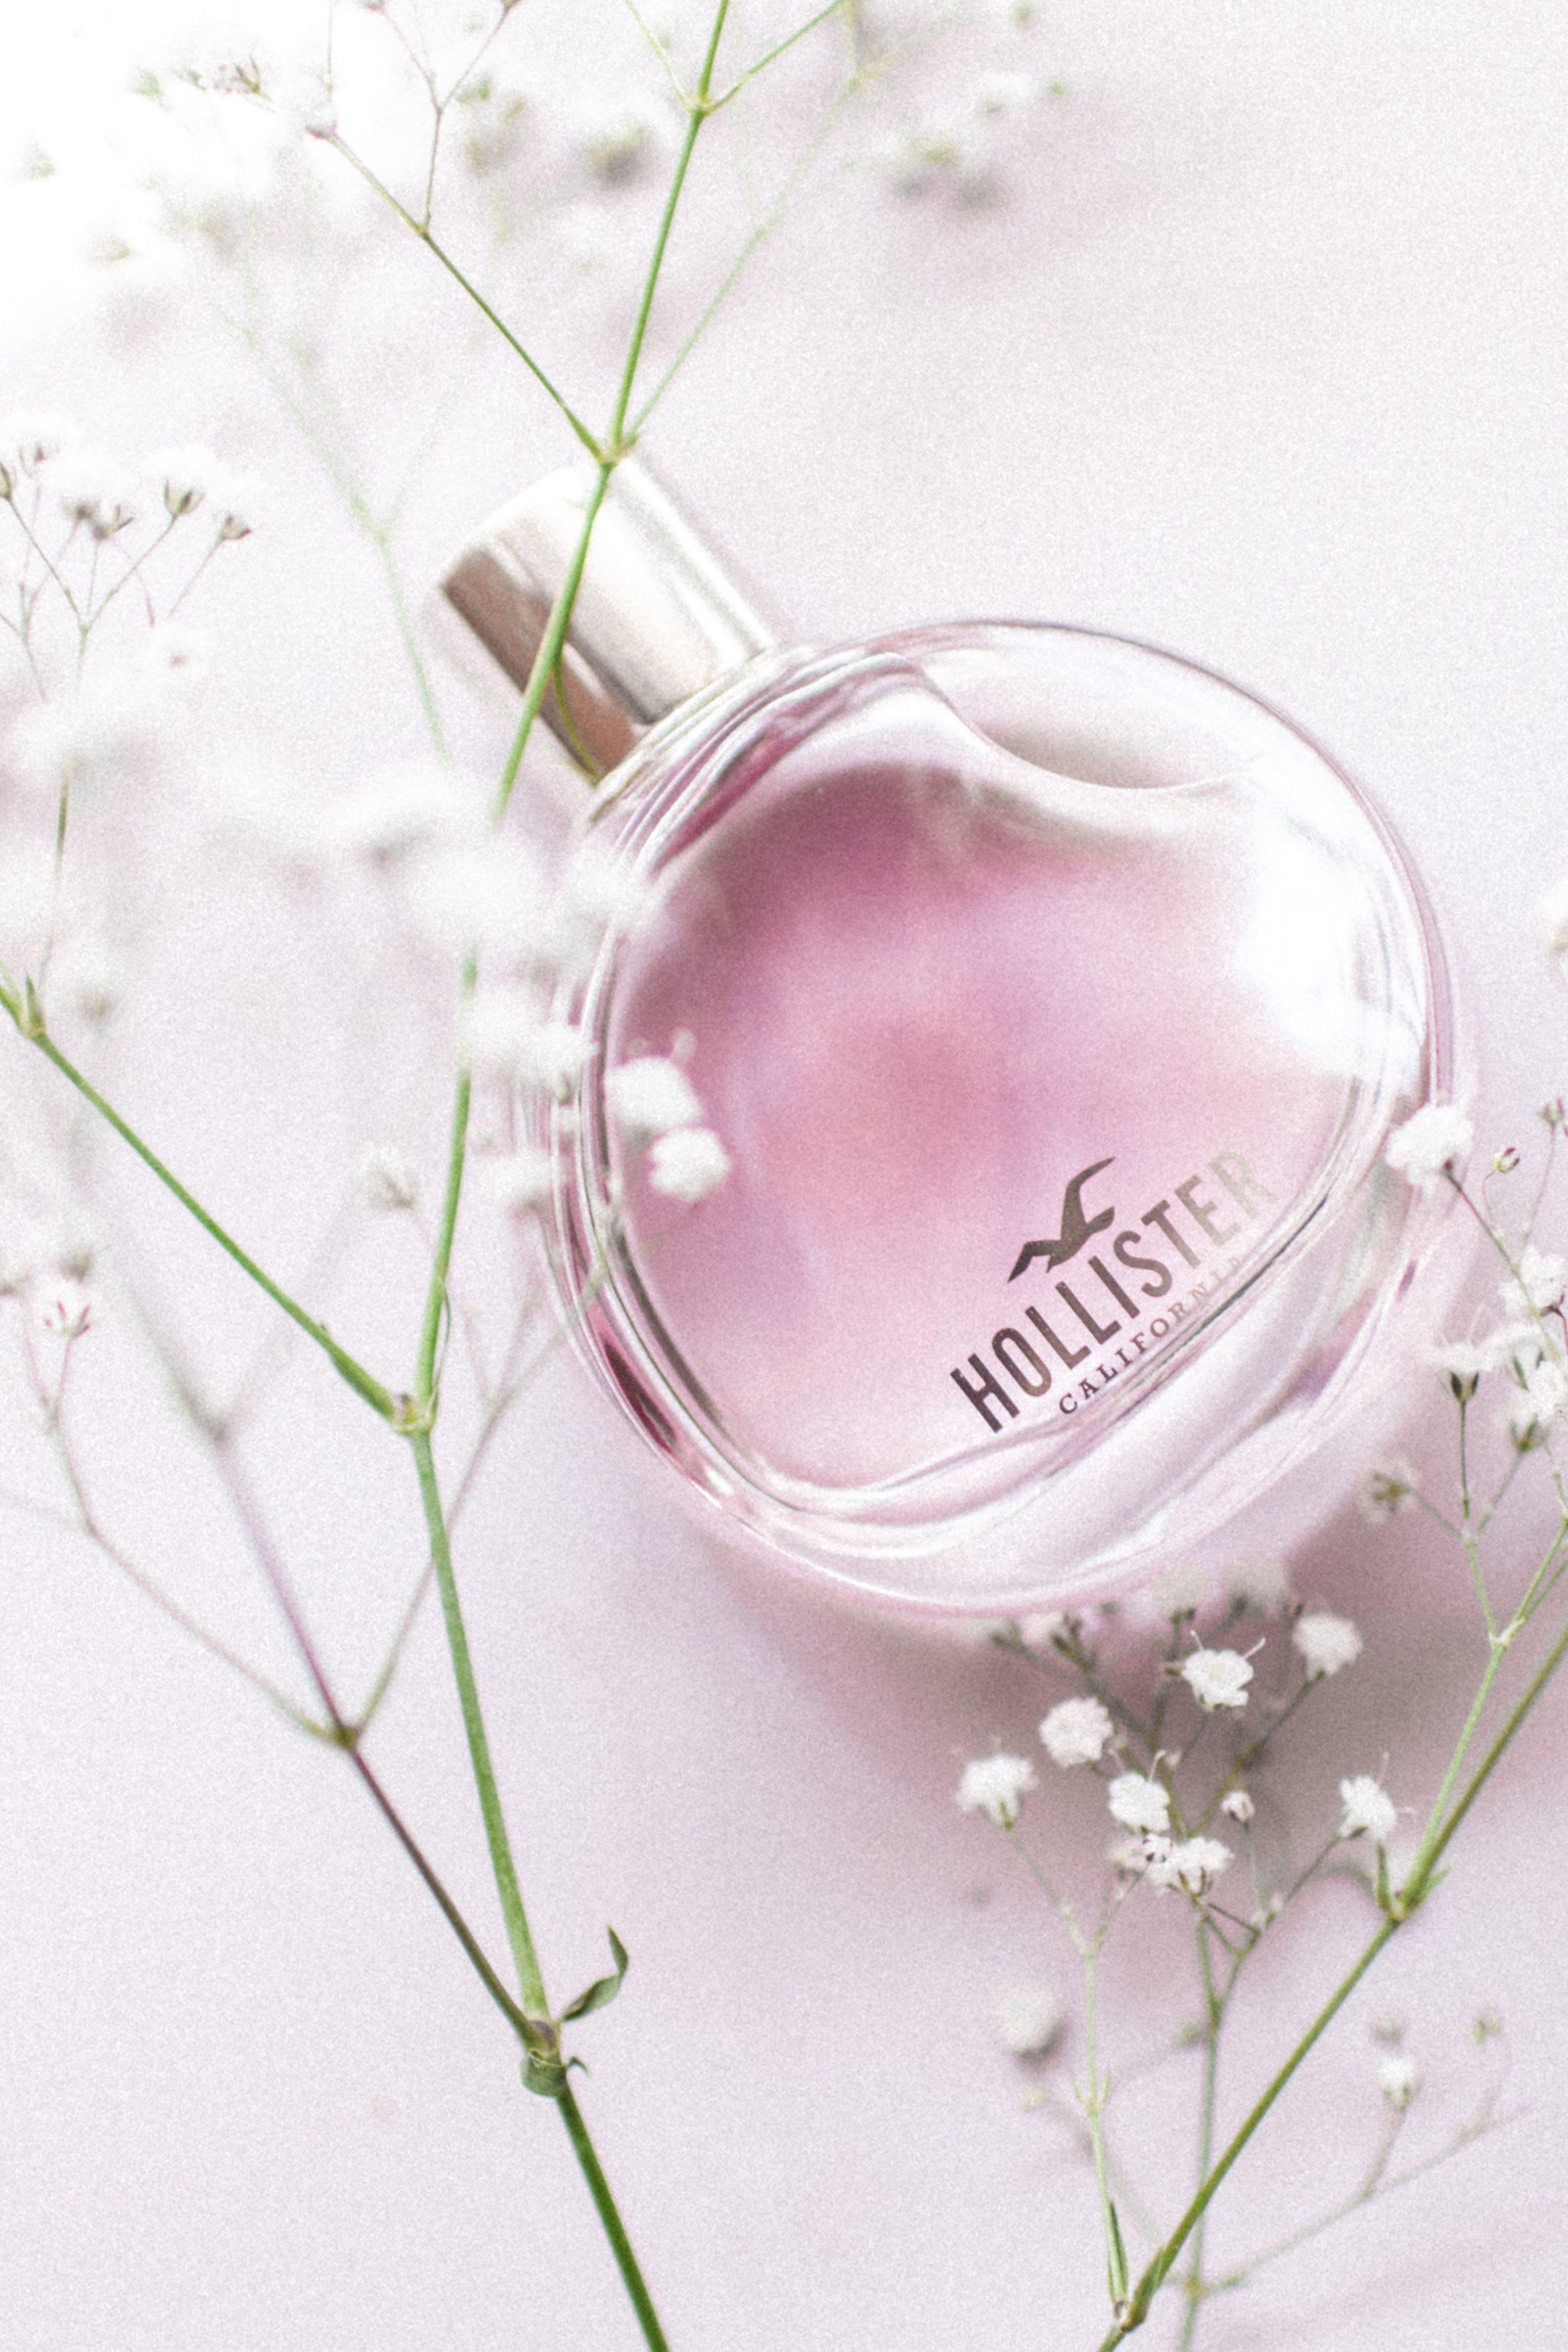 Fotos de stock gratuitas de aroma, botella, concentrarse, contenedor